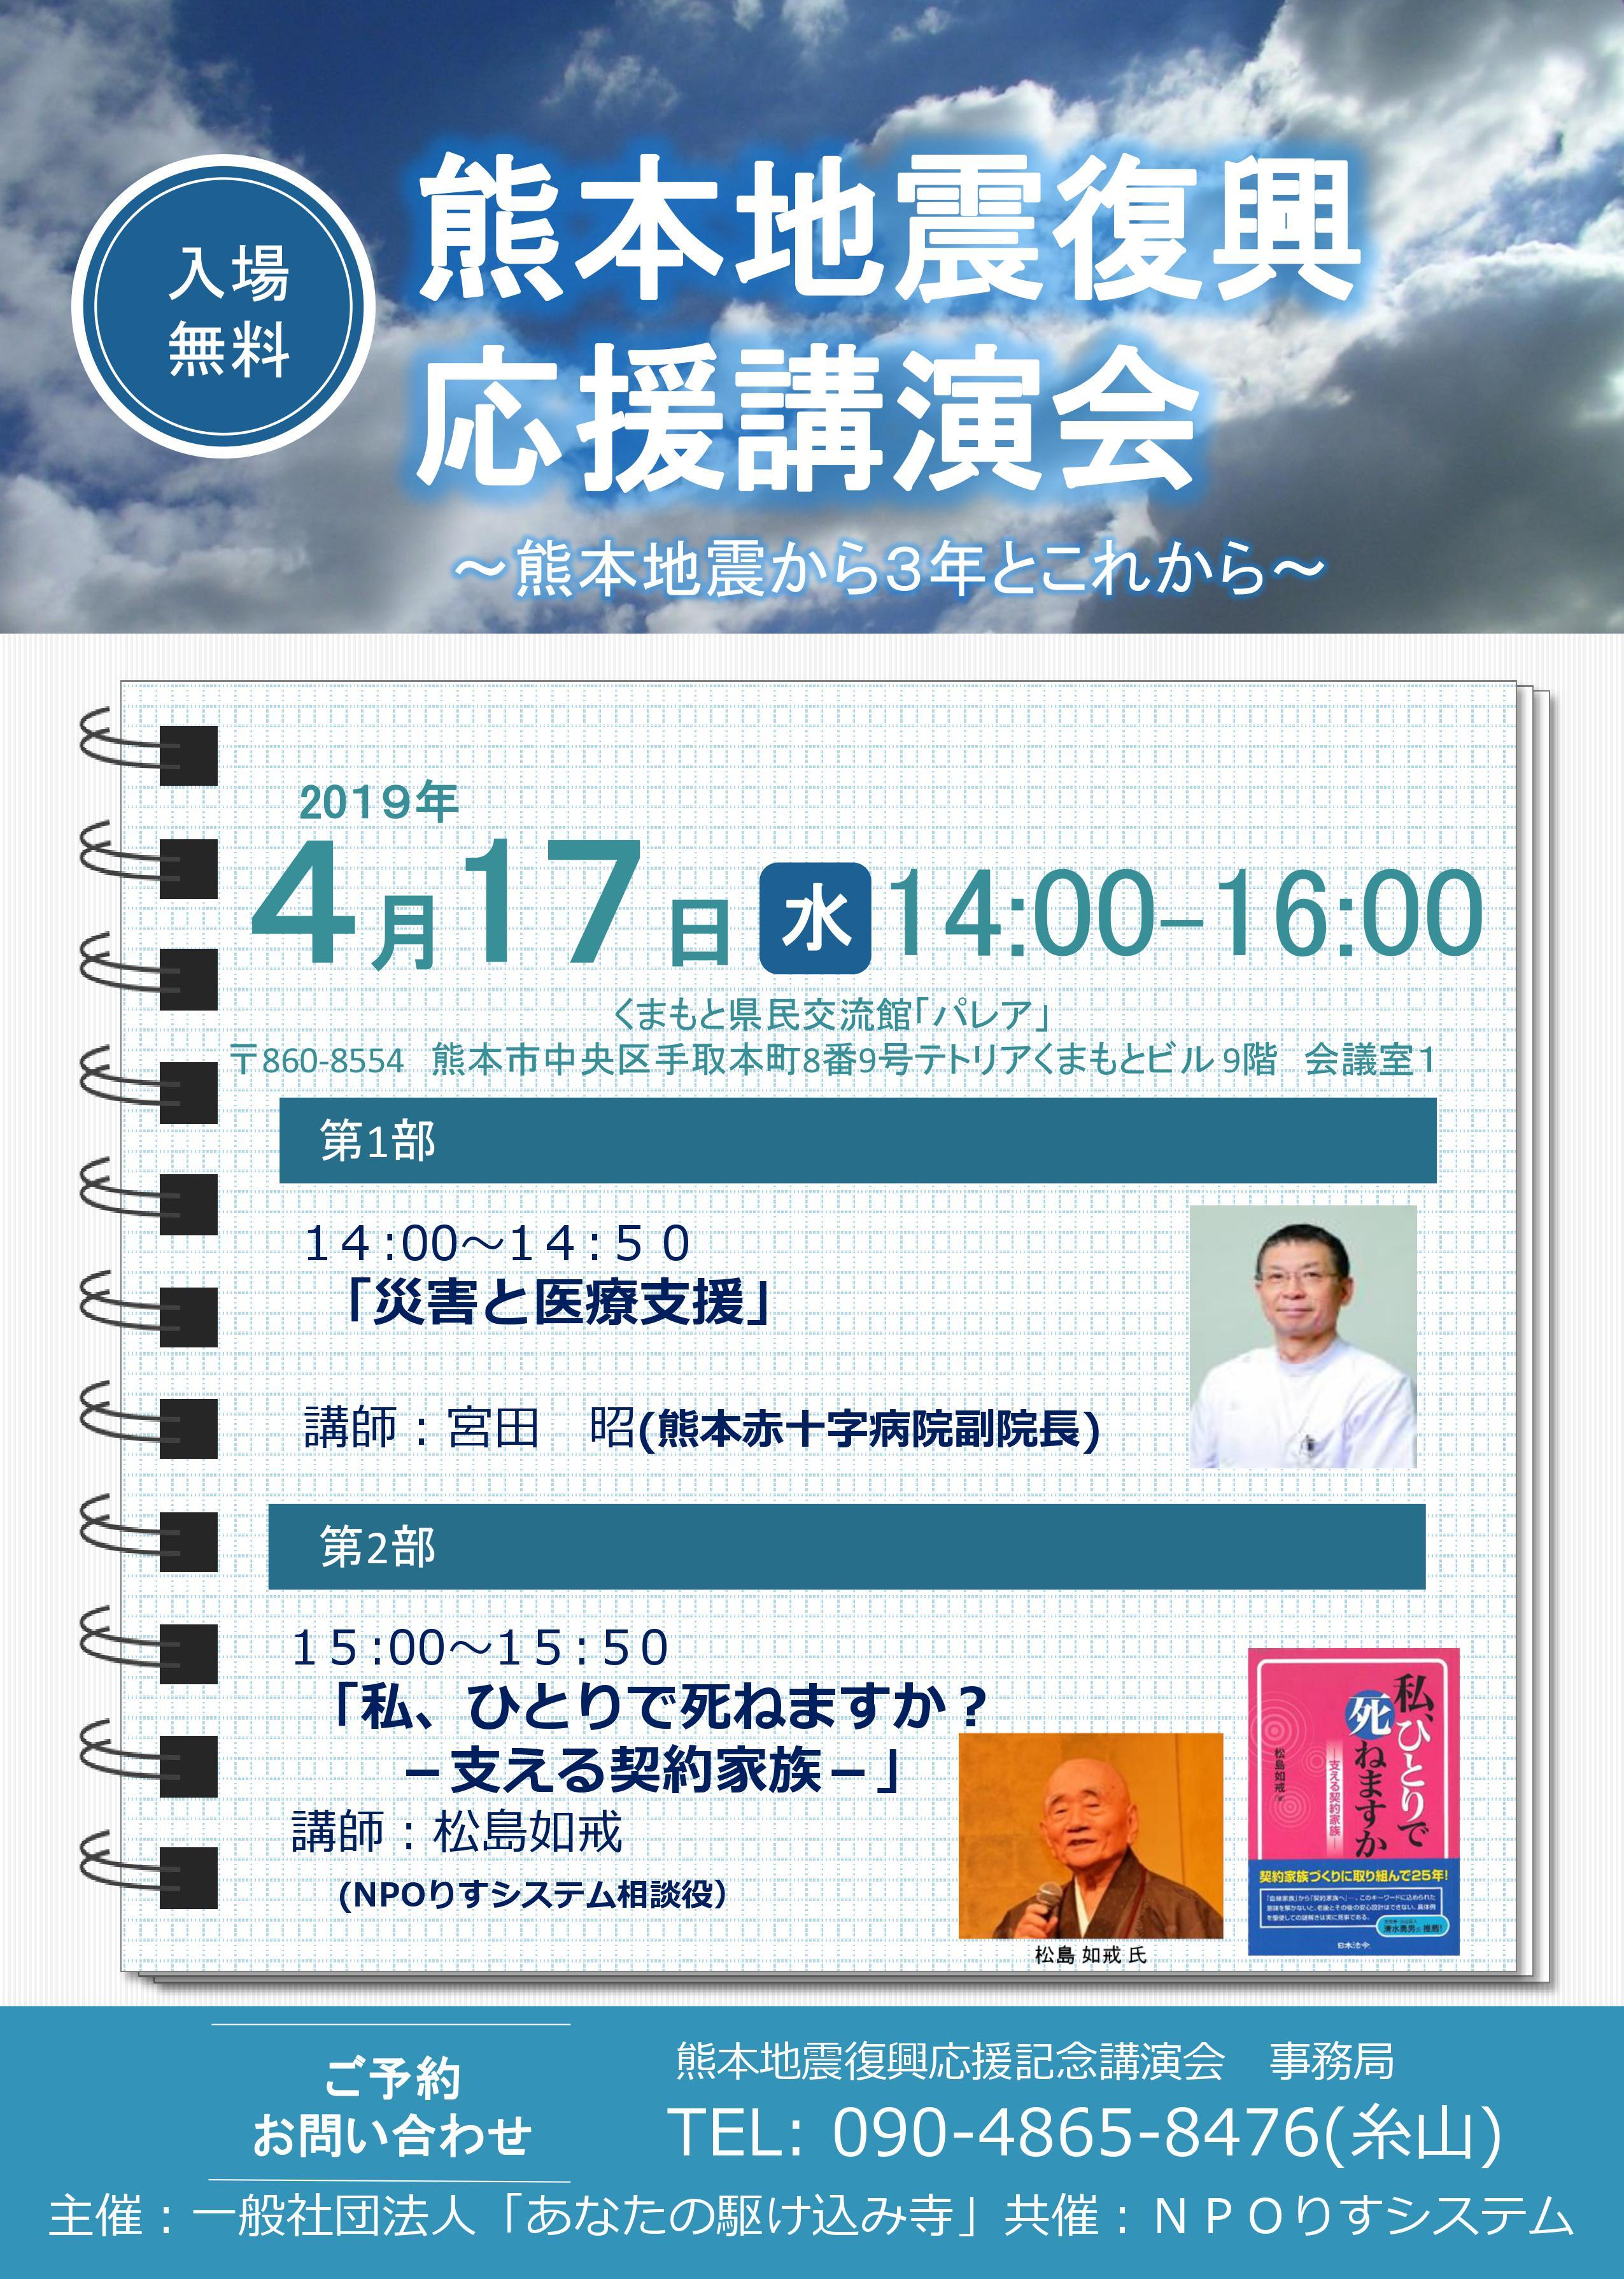 熊本地震復興応援記念講演会